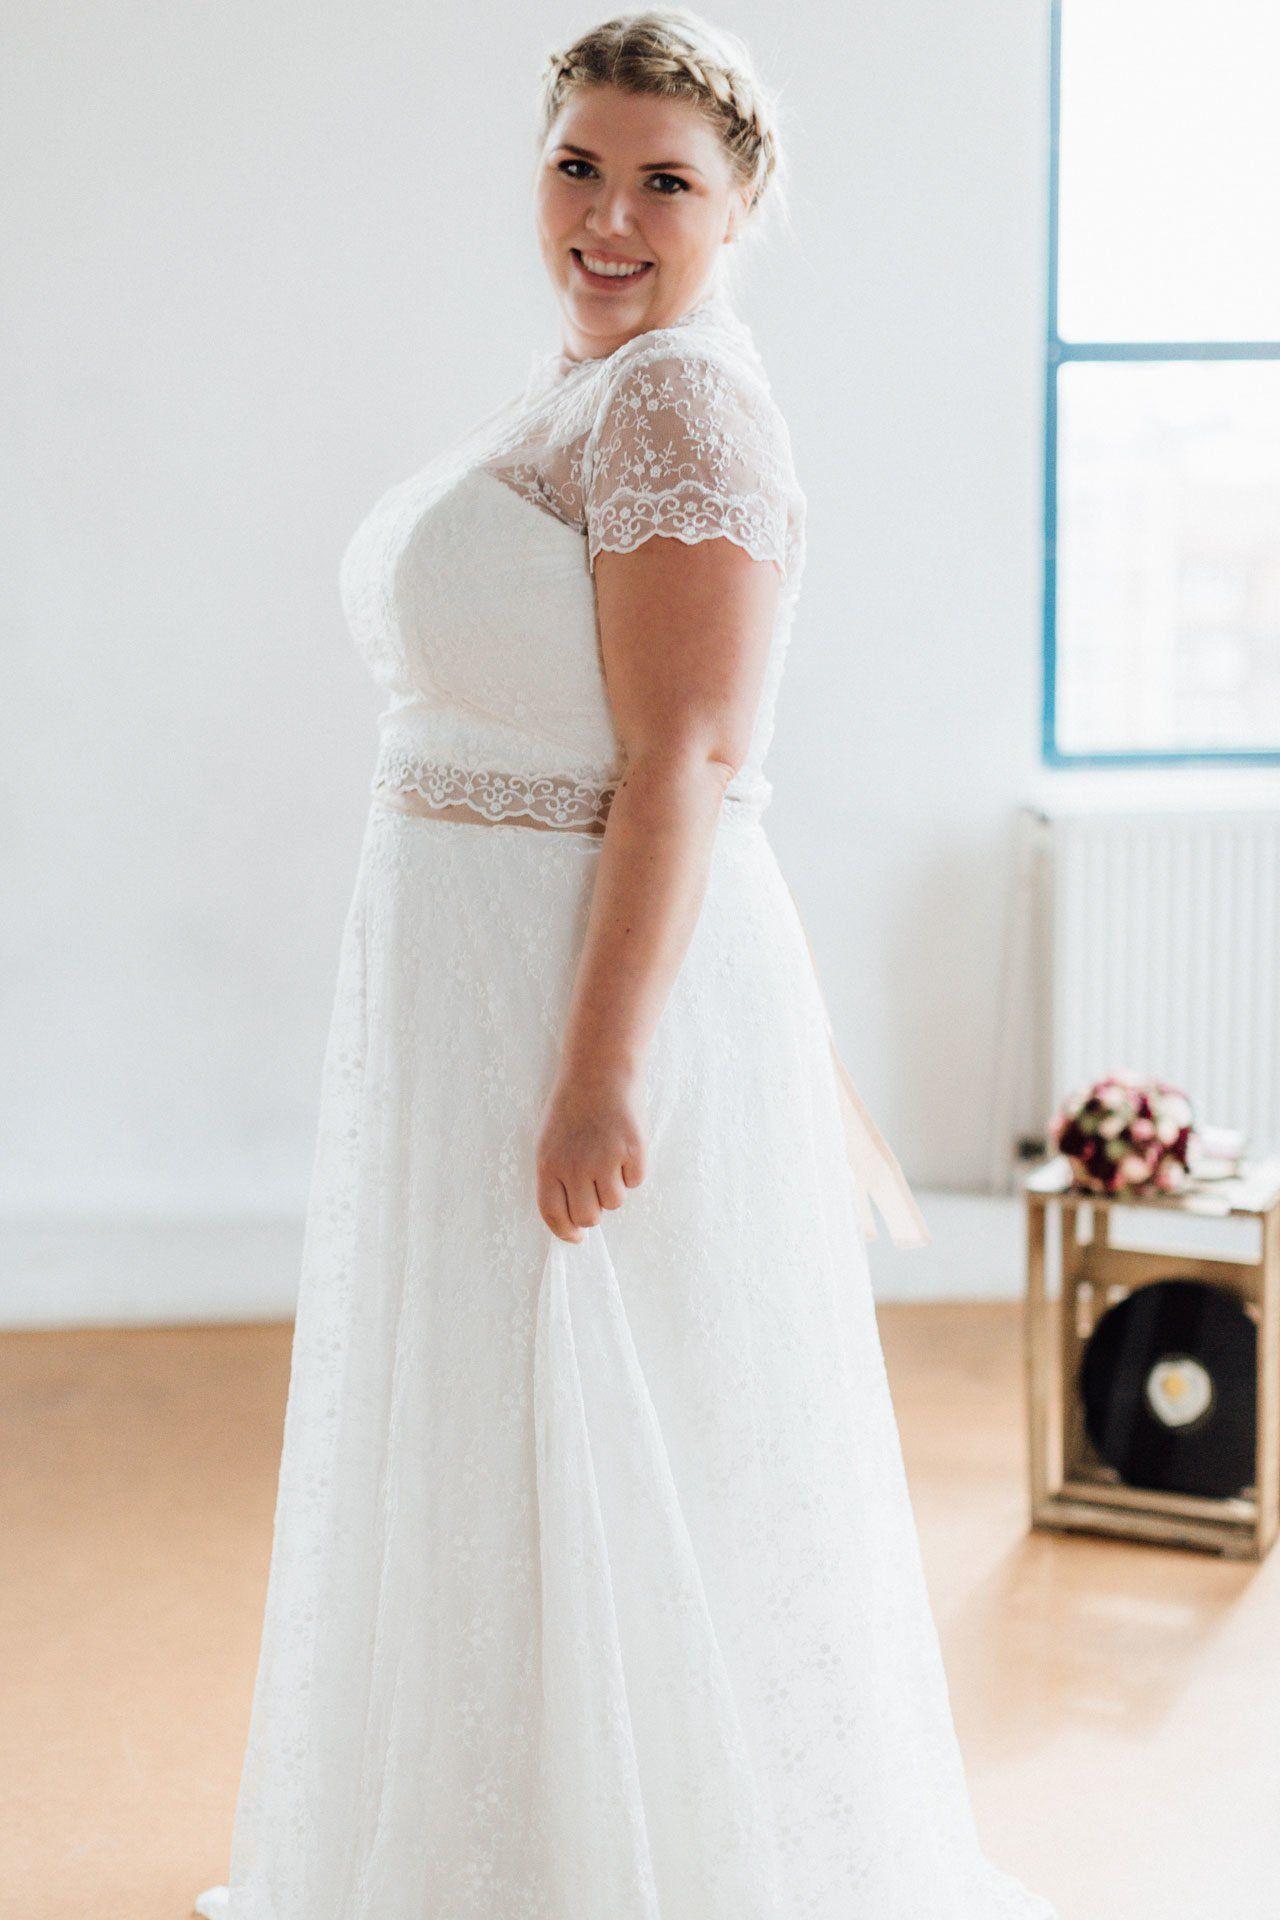 Brautkleider In Grosse 48 8211 50 8211 52 Hochzeitskleider Vintage Braut Hochzeitskleid